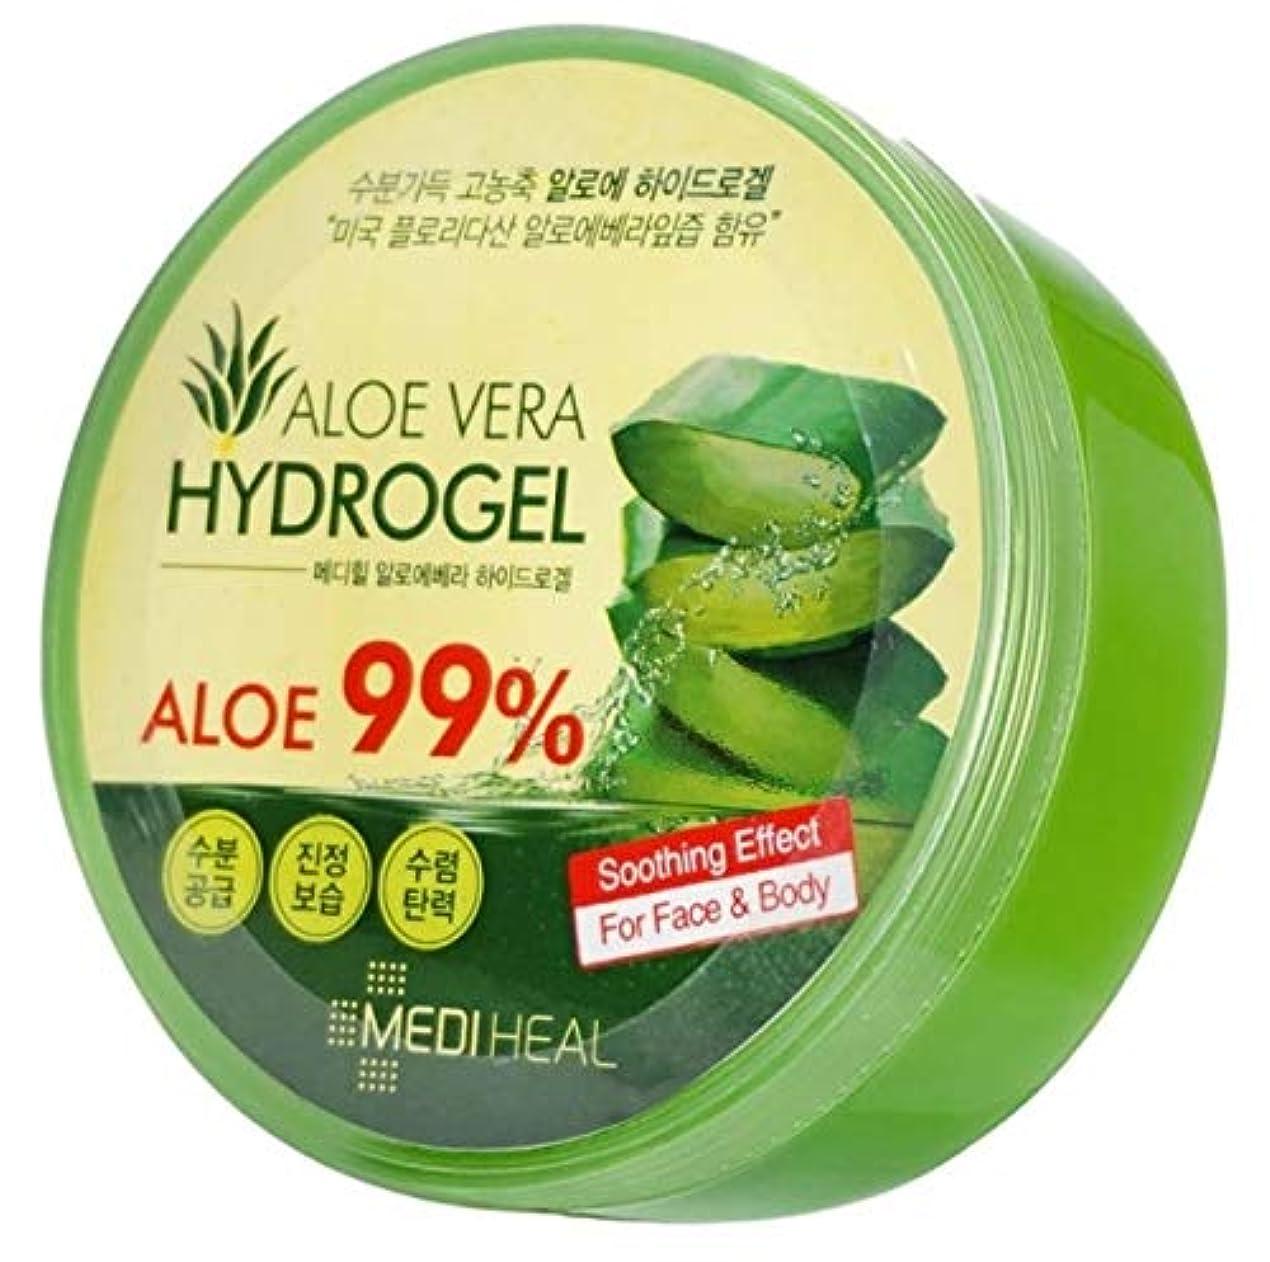 周術期インストラクター姪Mediheal メディヒール Skin Soothing なだめるような & Moisture 水分 99% Aloe アロエ Vera Hydro Gels ハイドロゲル